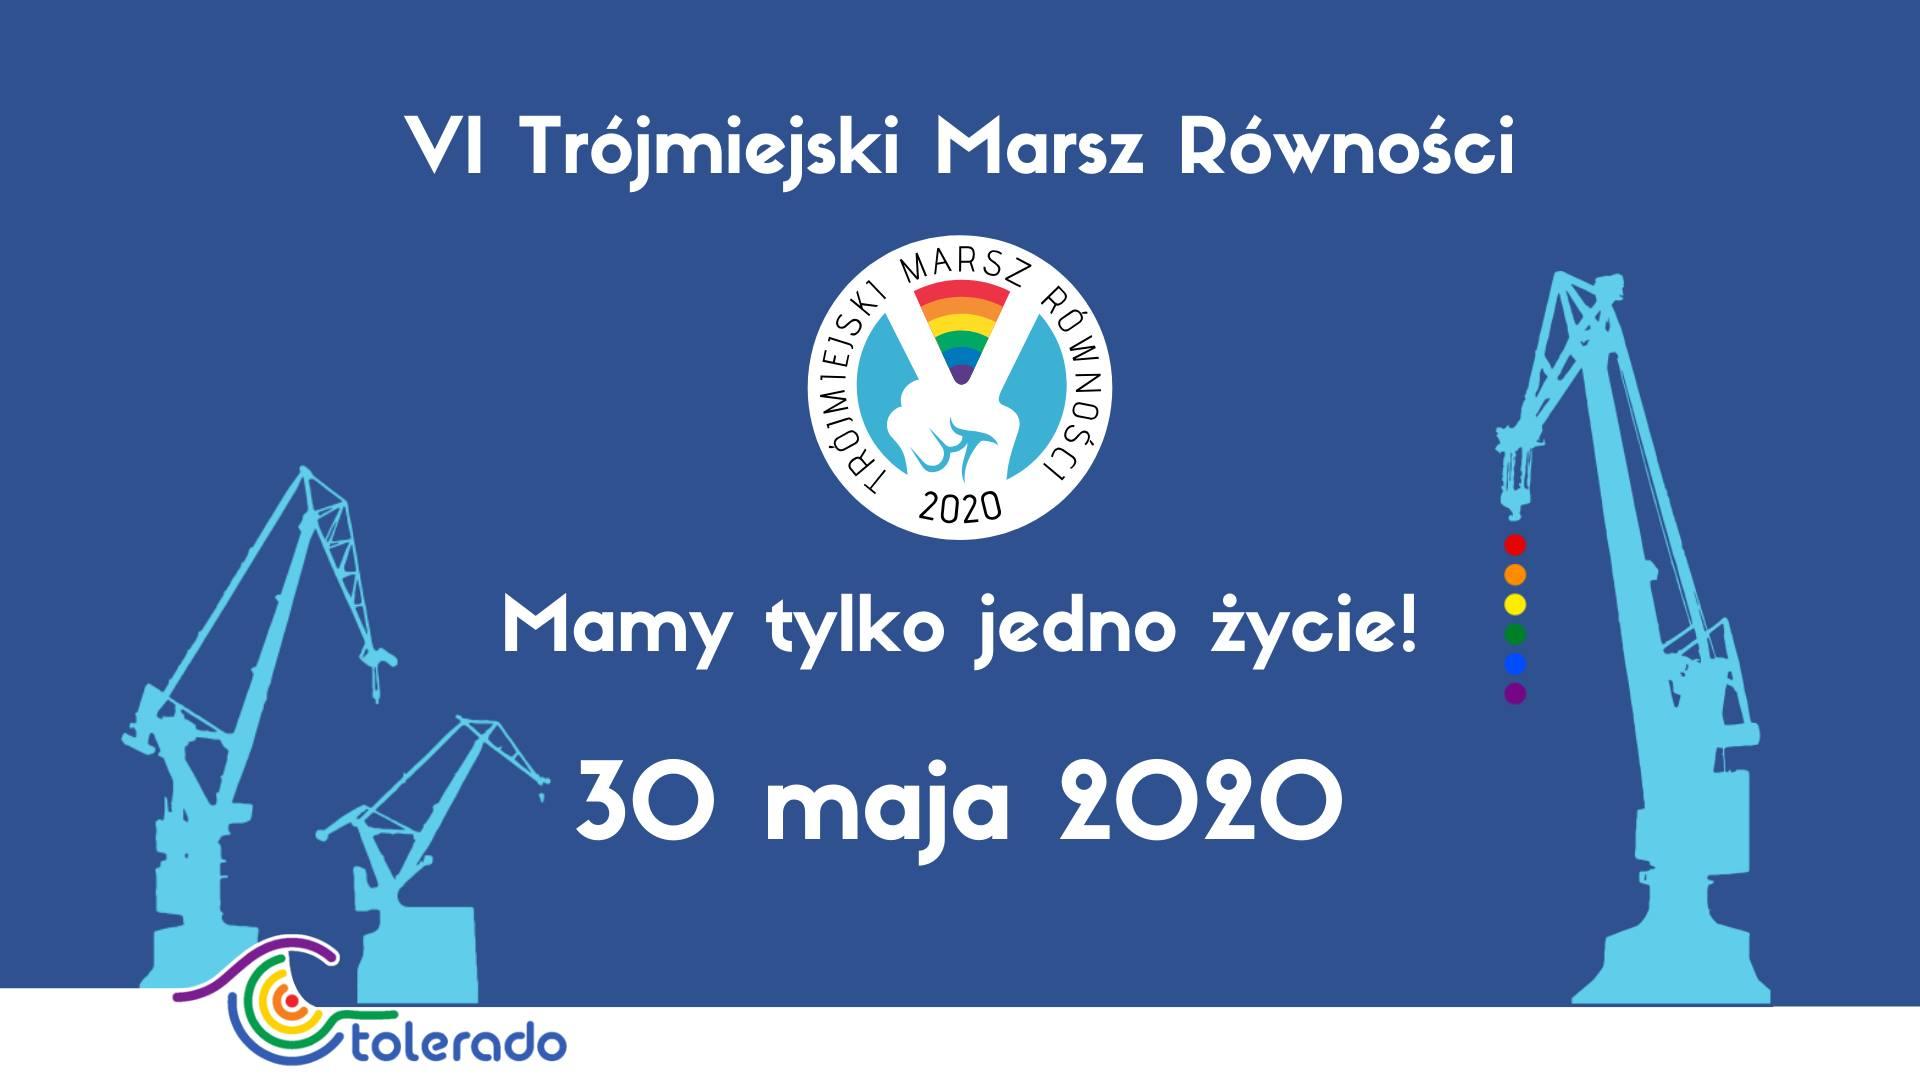 Trojmiejski Marsz Rownosci 2020